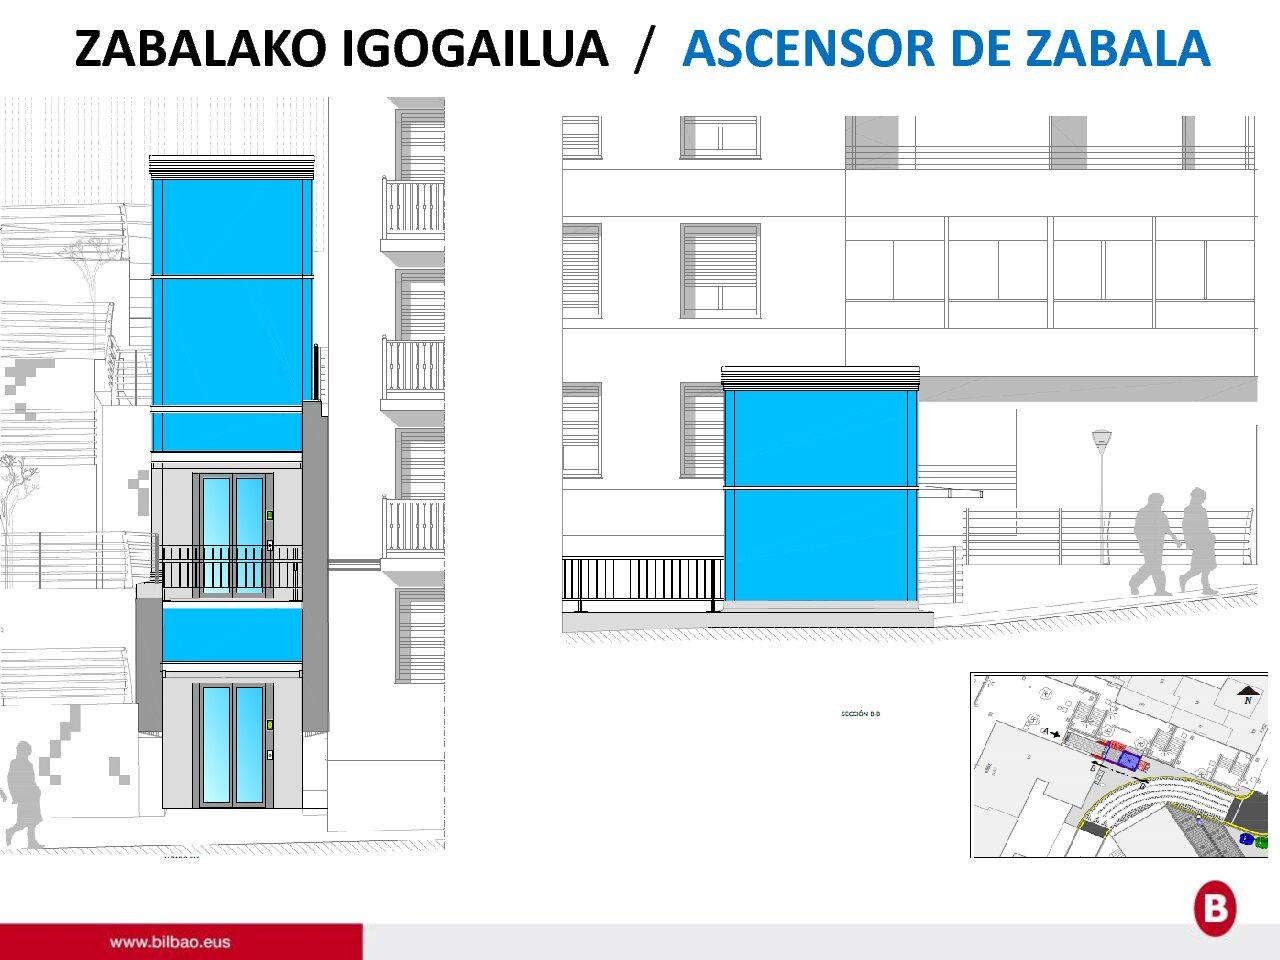 Implantación de ascensor en la calle Tenor Constantino del Barrio Zabala